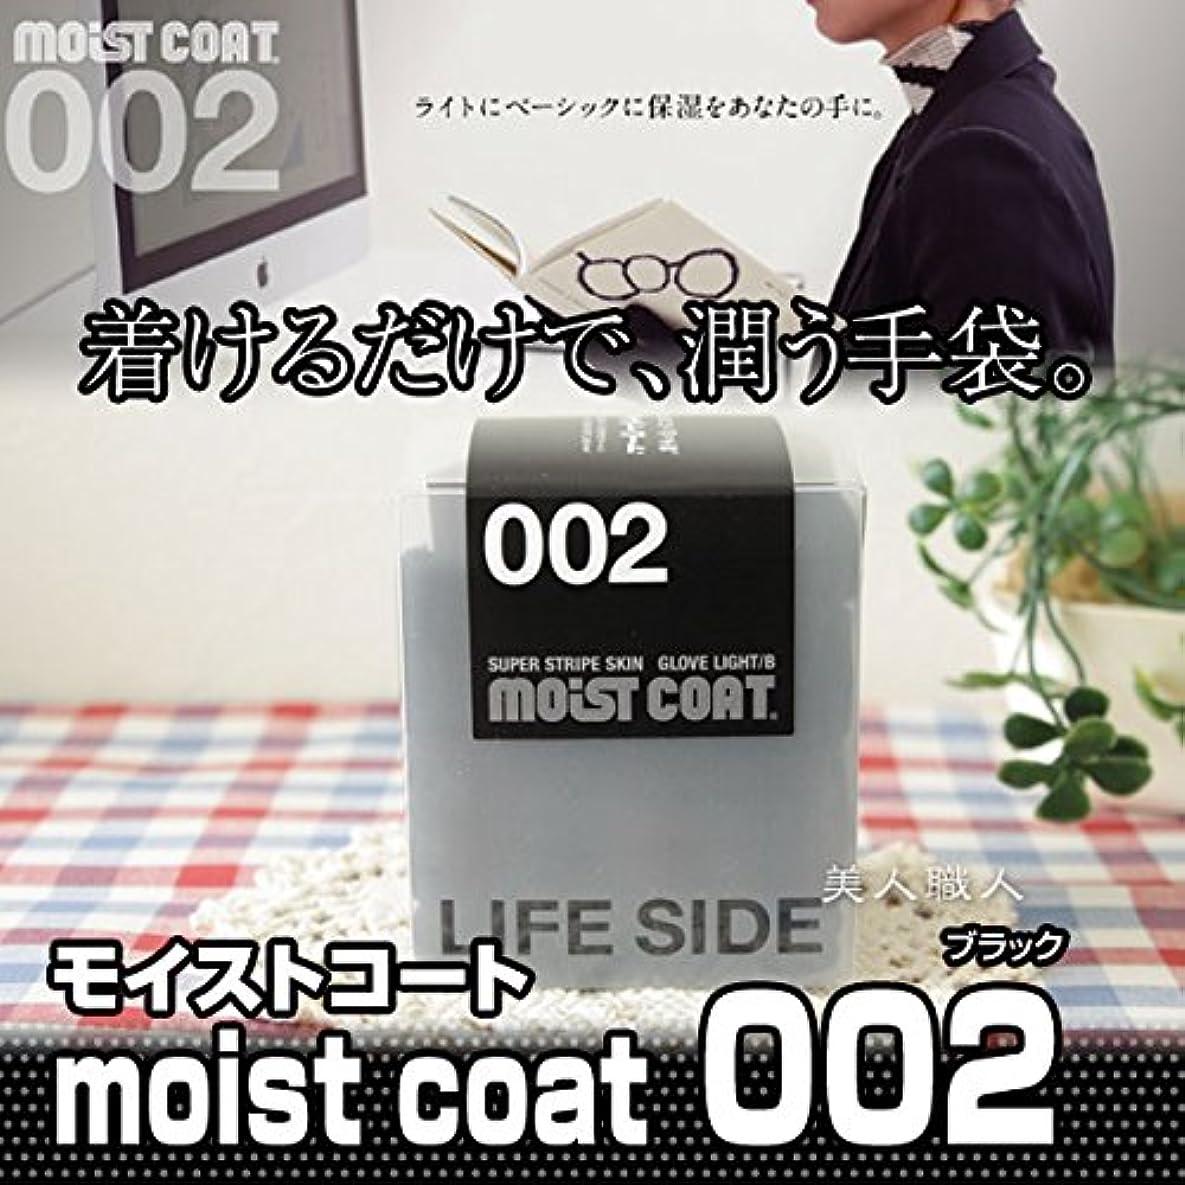 深さ寛大さギャロップコラーゲン手袋 モイストコート002 ブラック